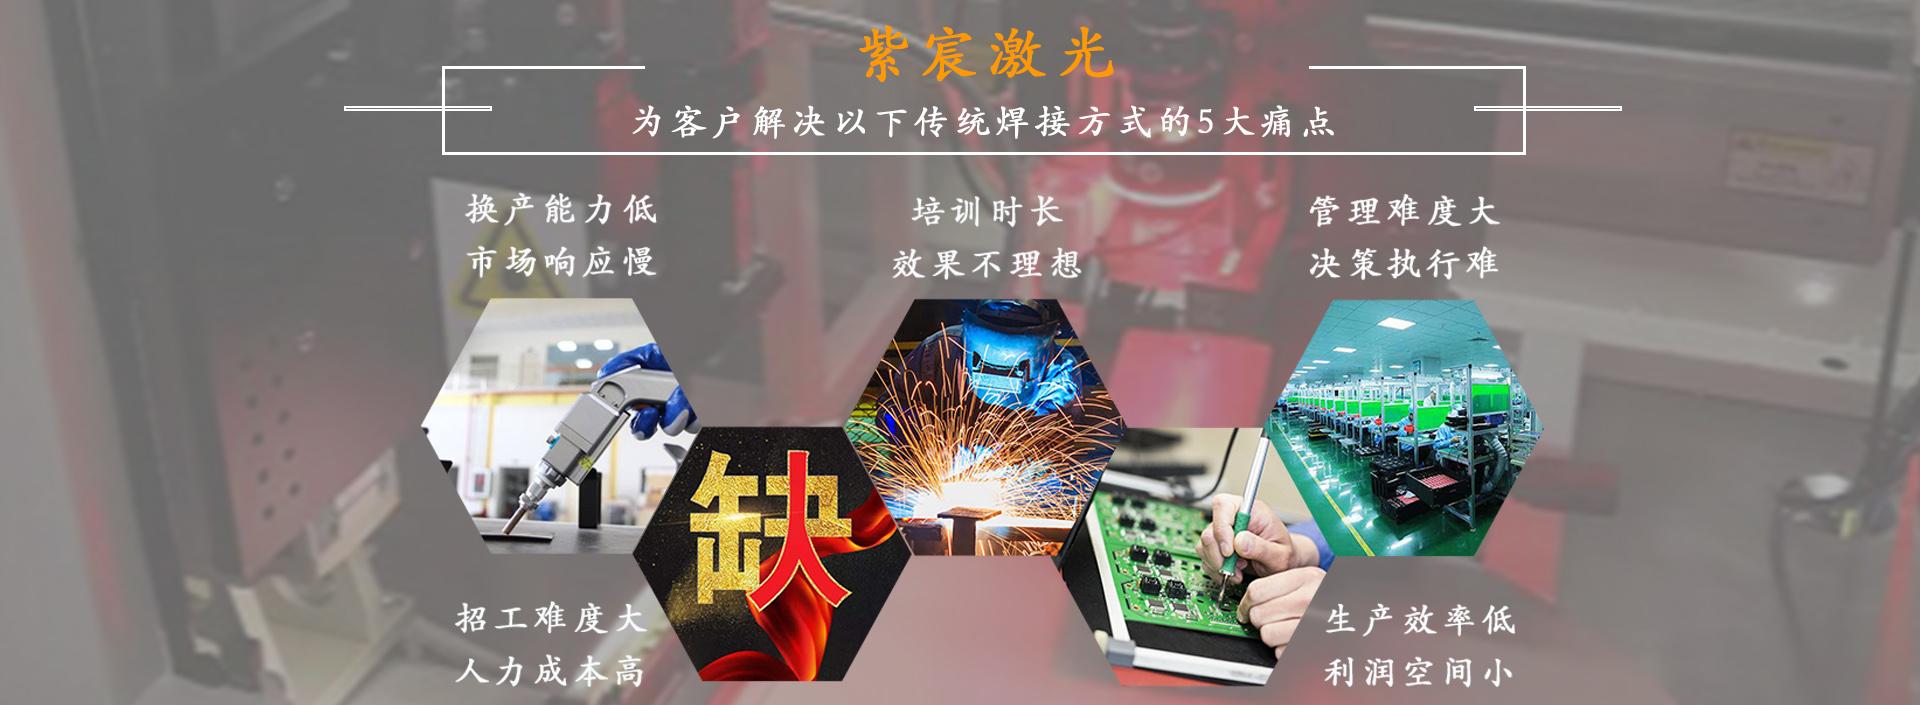 紫宸激光自動焊錫設備,為客戶解決產能煩惱